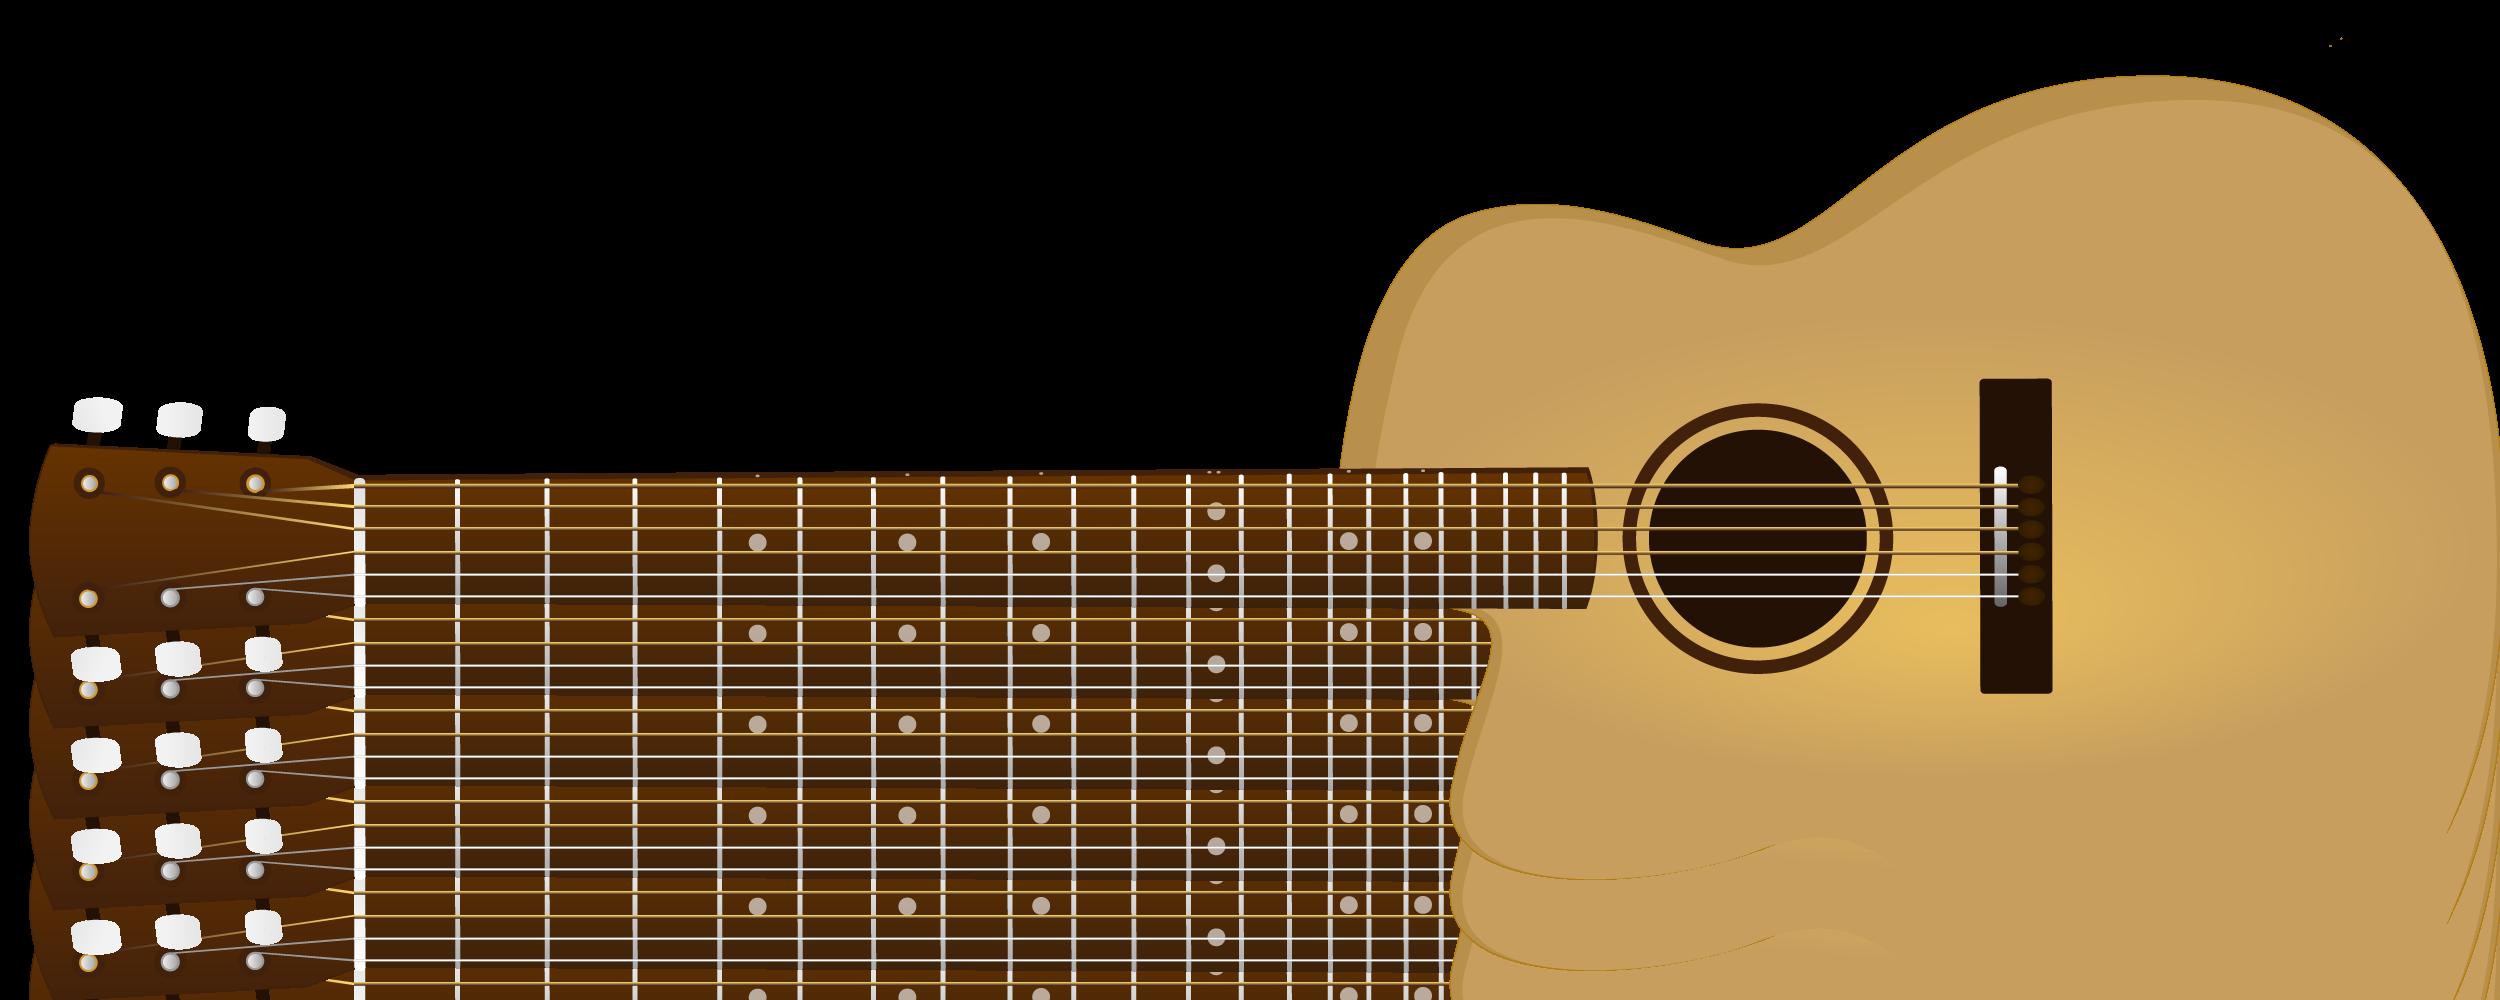 Acoustic Guitar Png Hd PNG Image - Guitar HD PNG